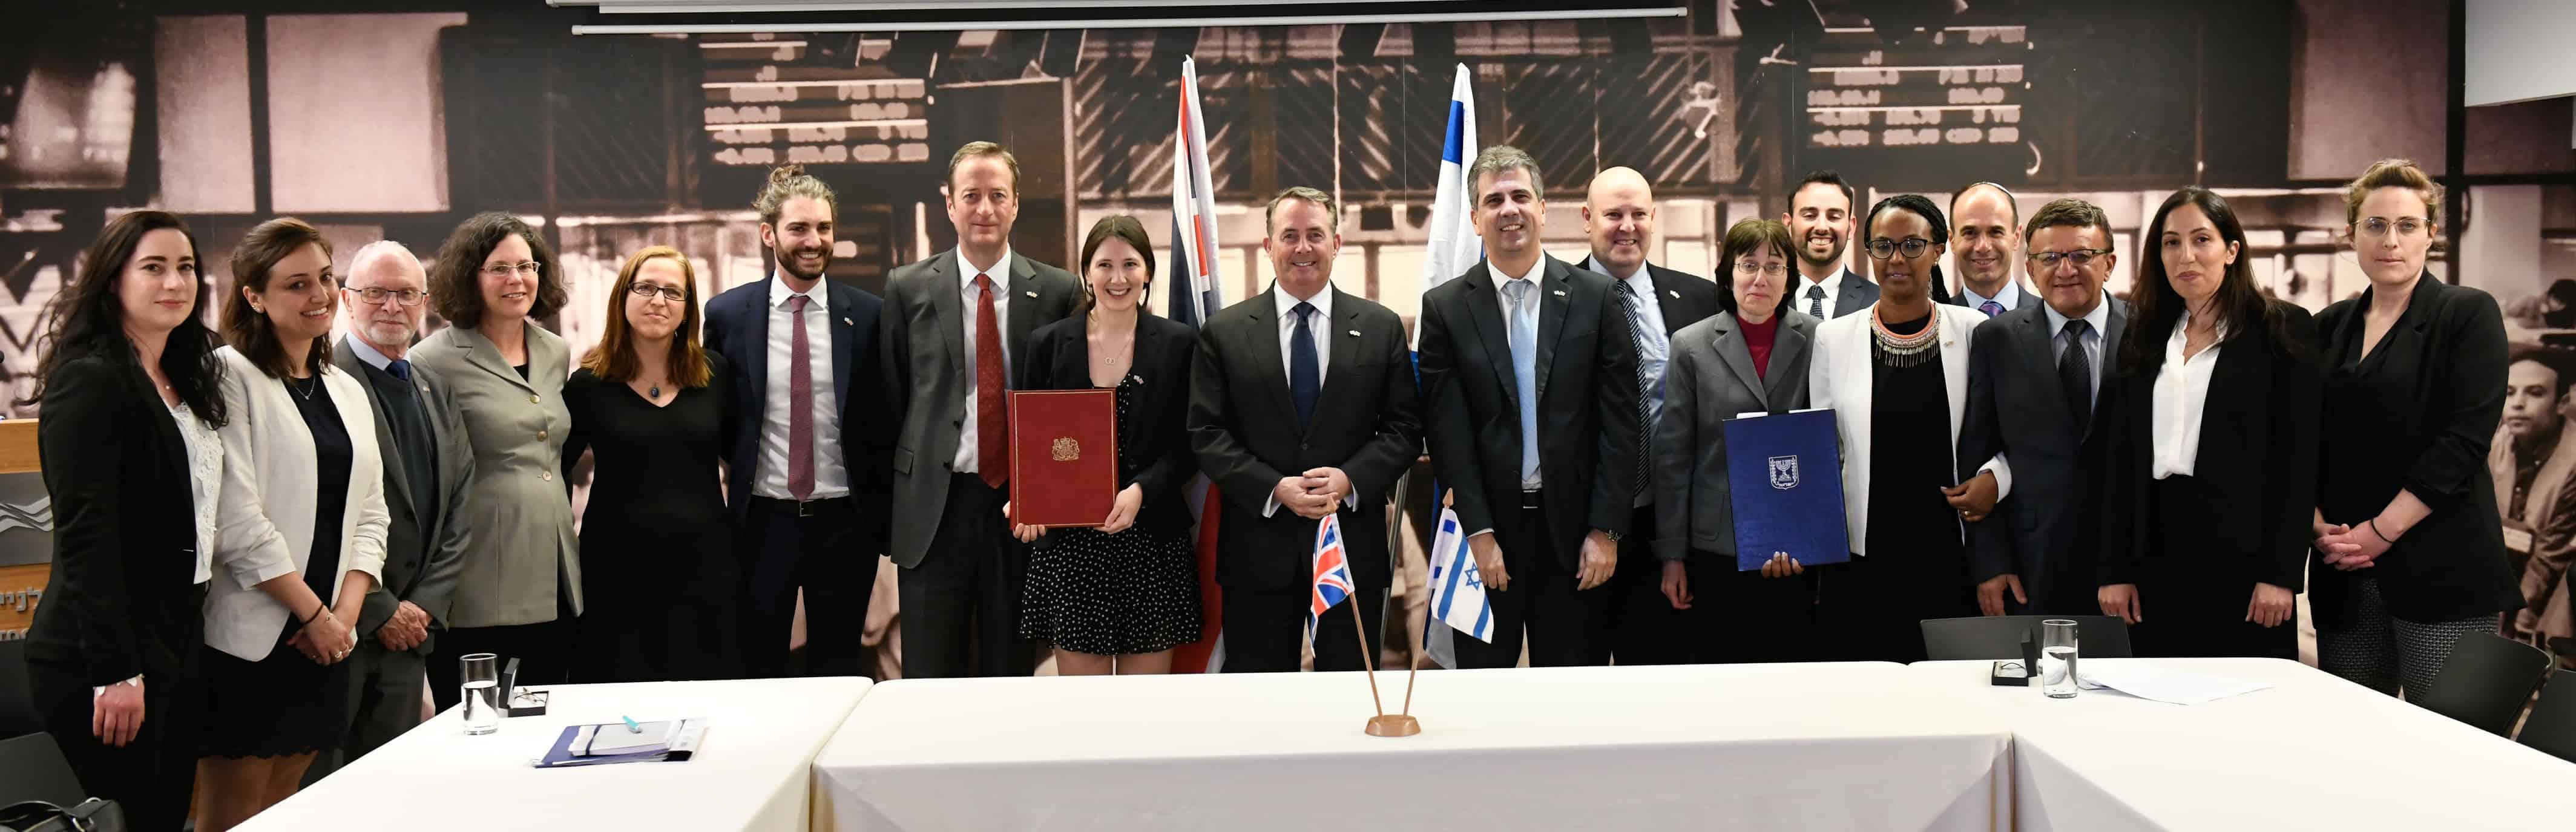 חתימת הסכם הסחר בריטניה ישראל, פברואר 2019